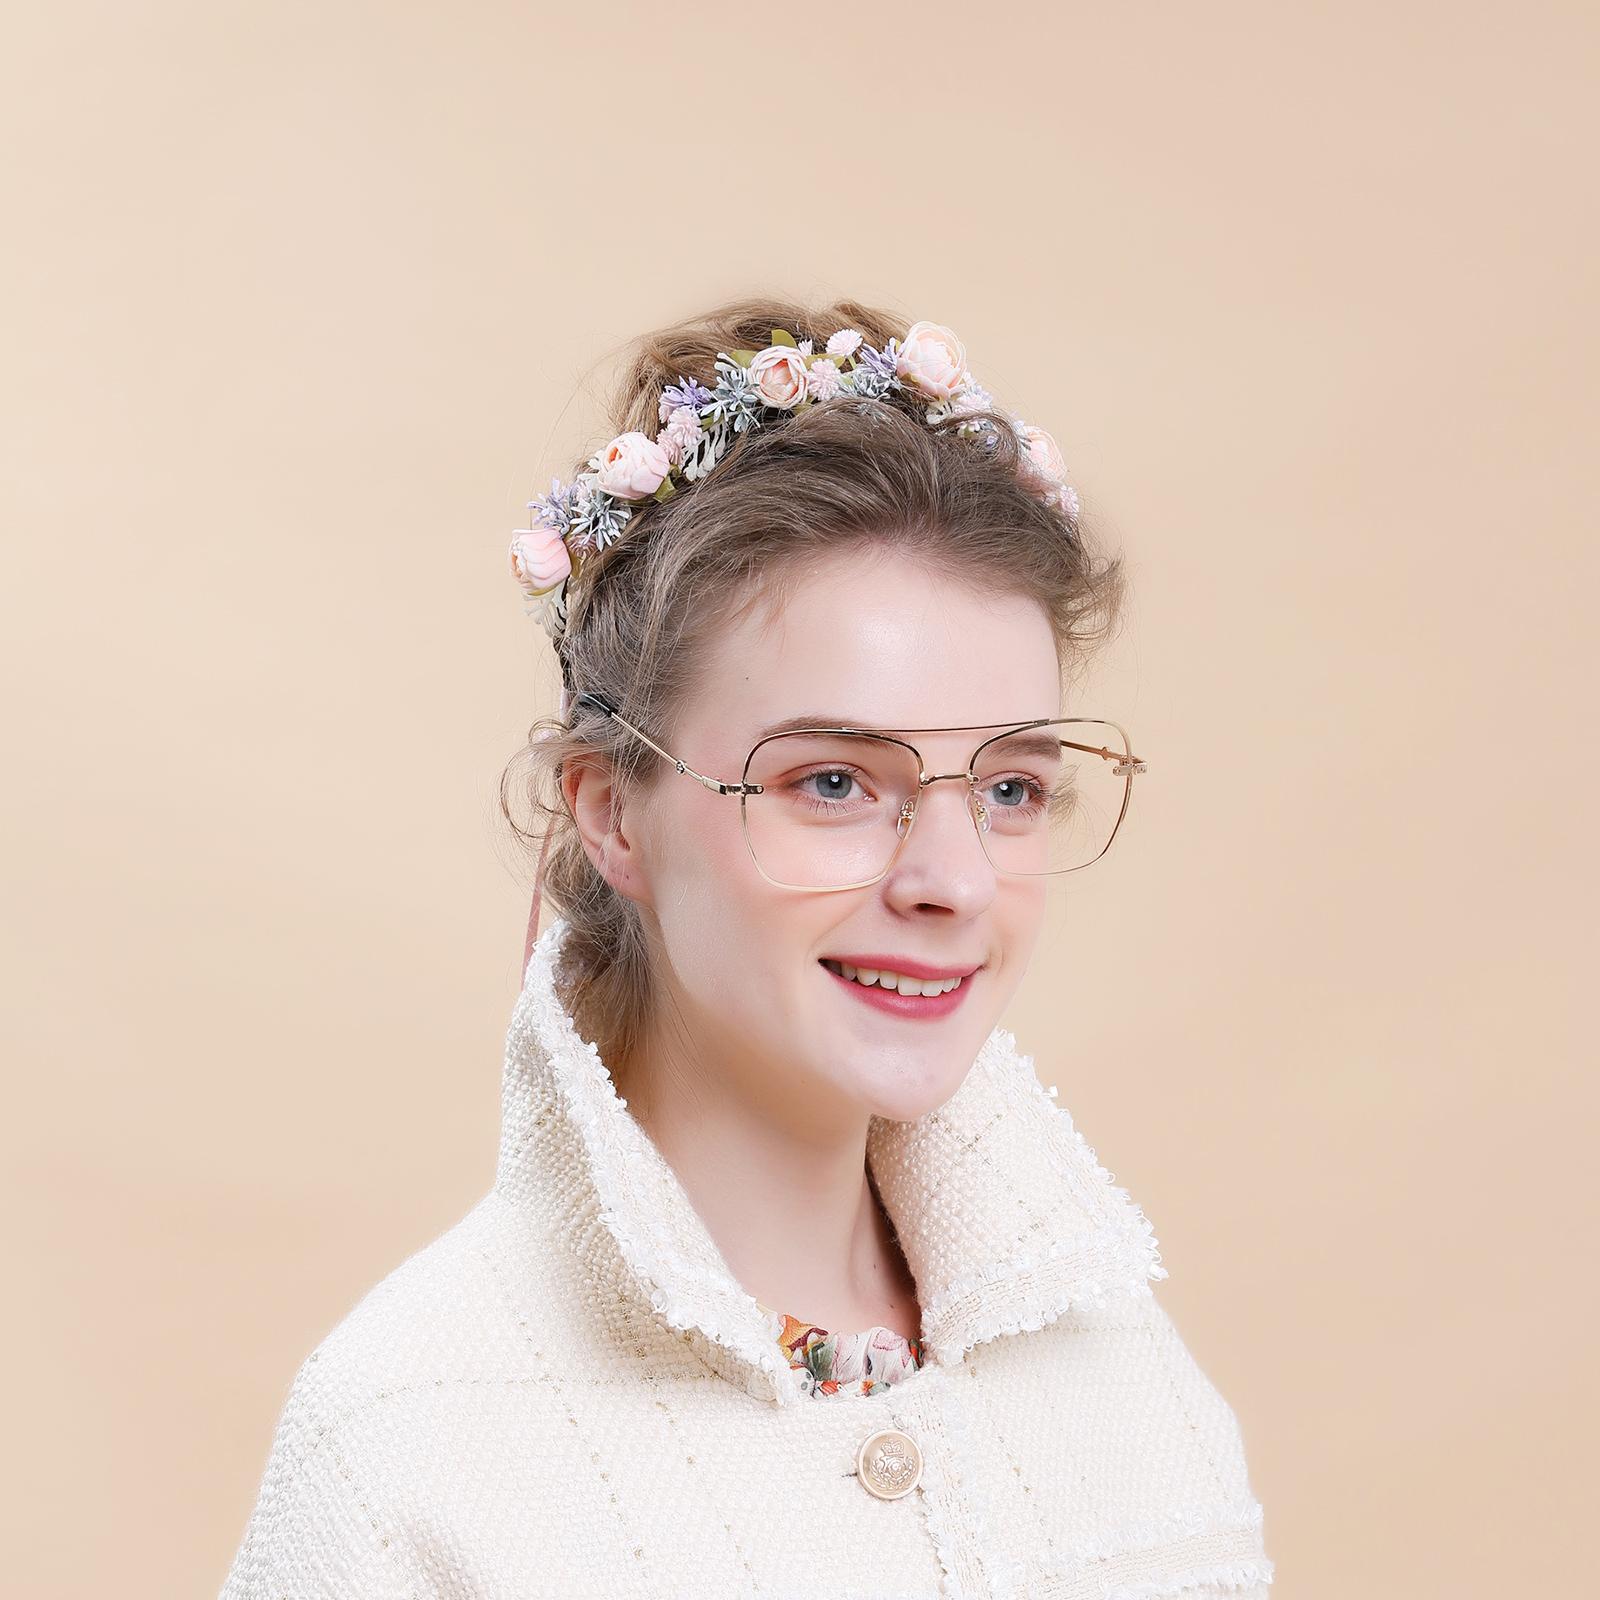 428a6de80 الكورية تصميم لطيف الاصطناعي الزهور عقال اكسسوارات للشعر النساء الفتيات